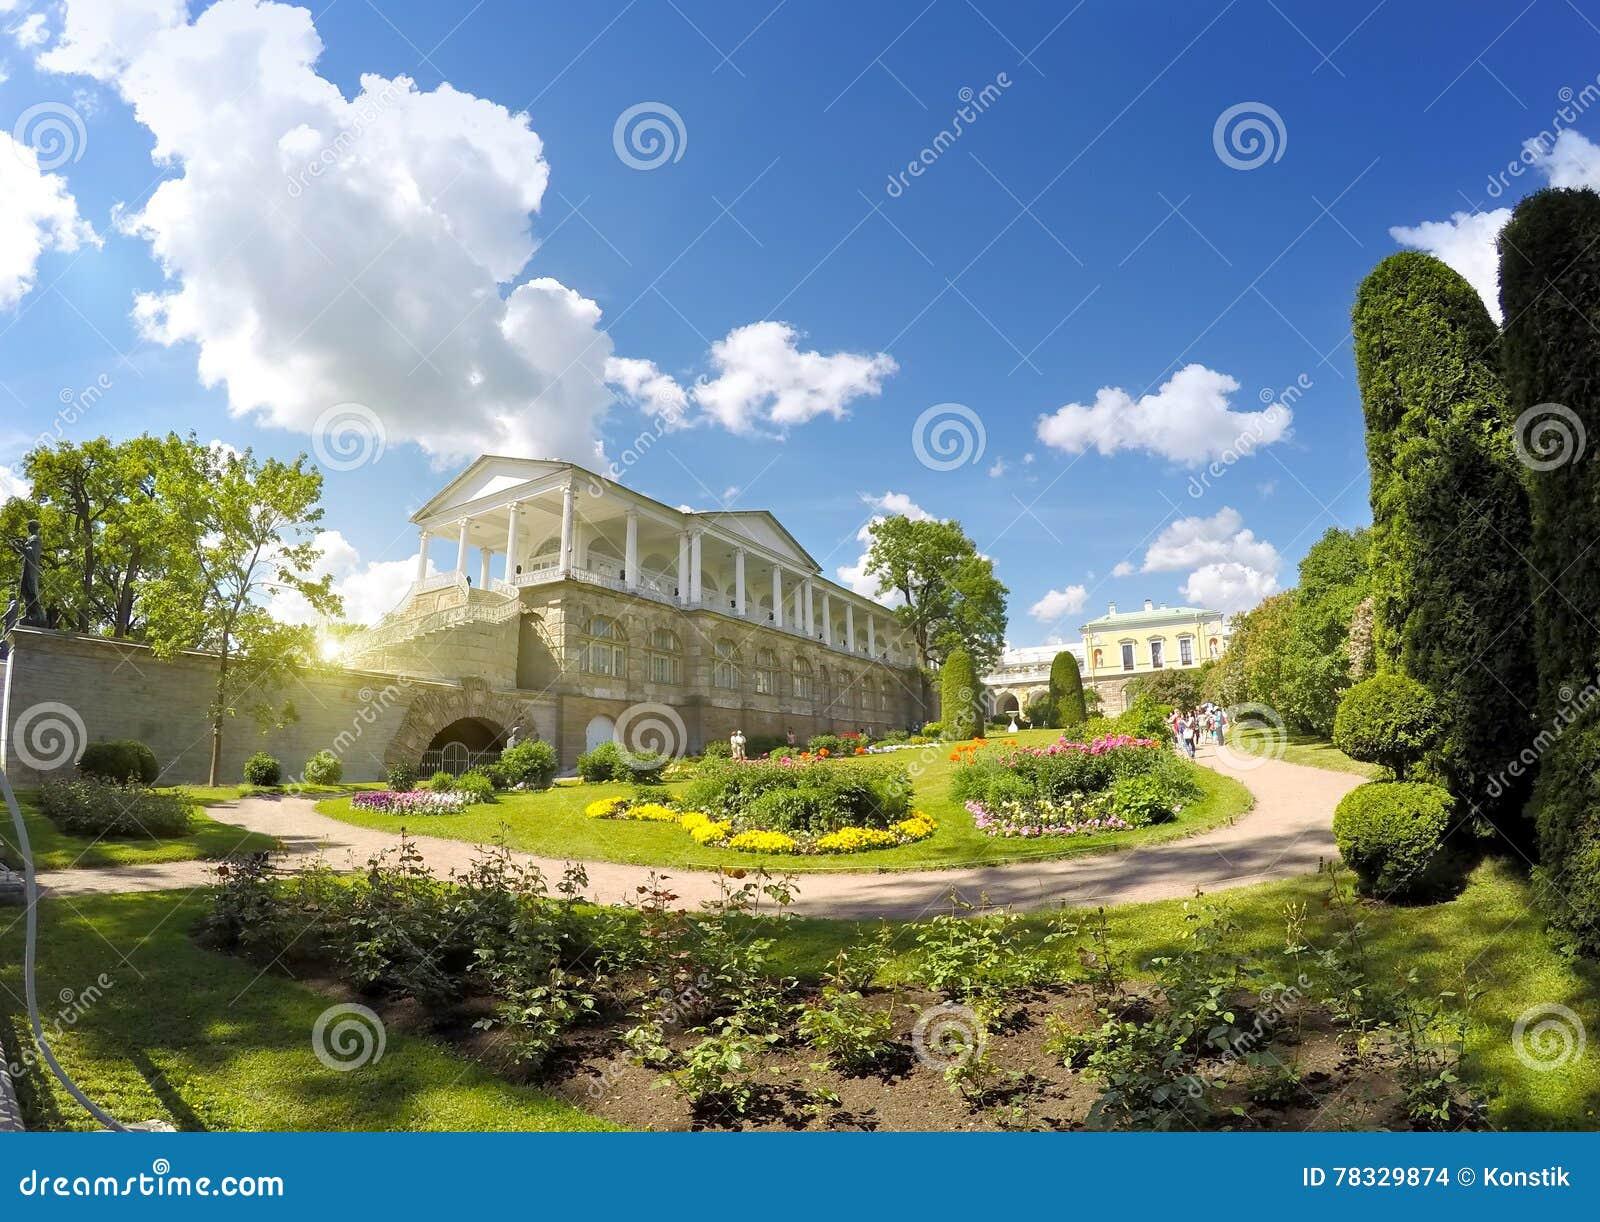 Cameron Gallery 24 för petersburg för park för nobility för km för catherine besök för tsarskoye för st för center familj tidigar